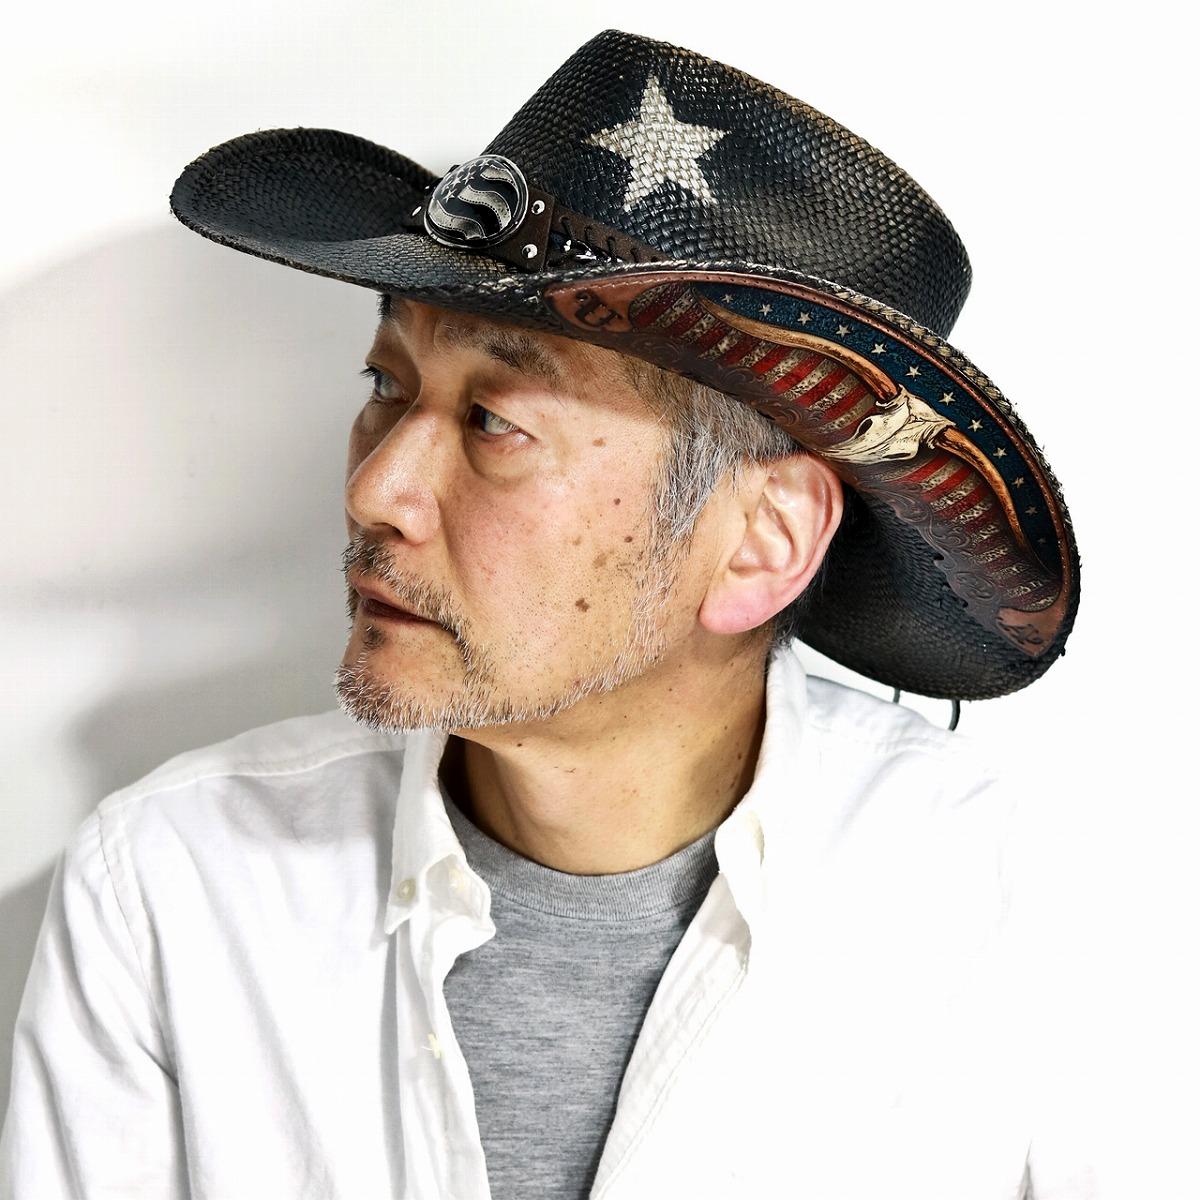 パナマハット 星柄 メンズ 帽子 パナマ100% カウボーイハット 星条旗 バックルベルト テンガロン Lサイズ XLサイズ / California Hat Company Inc. ストローハット 大きいサイズ 春 夏 スター ウエスタン 日よけ / 黒 ブラック [ cowboy hat ] [ panama hat ]